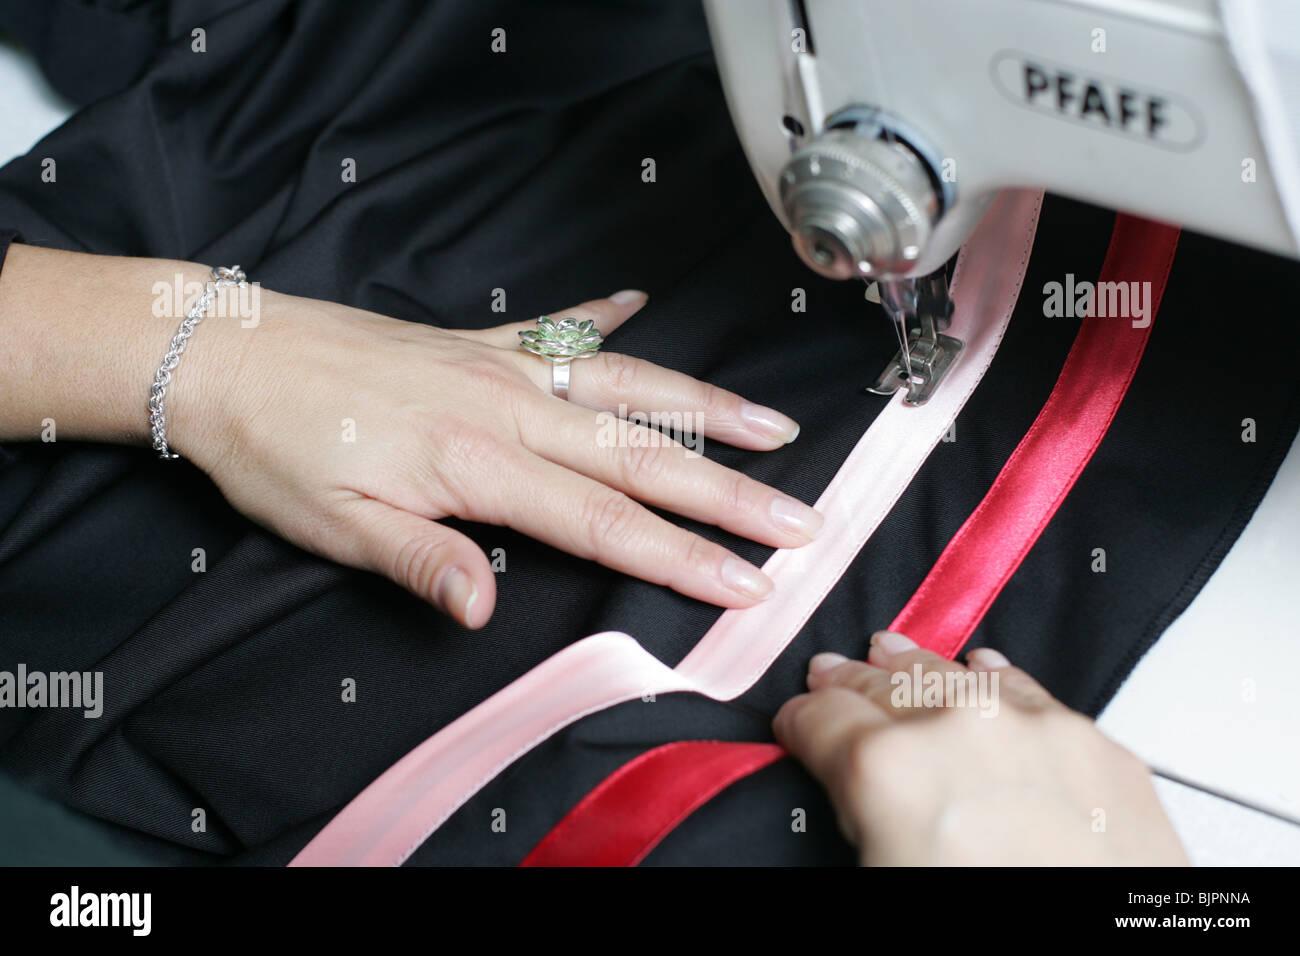 Frau arbeitet an einer Nähmaschine. Stockfoto